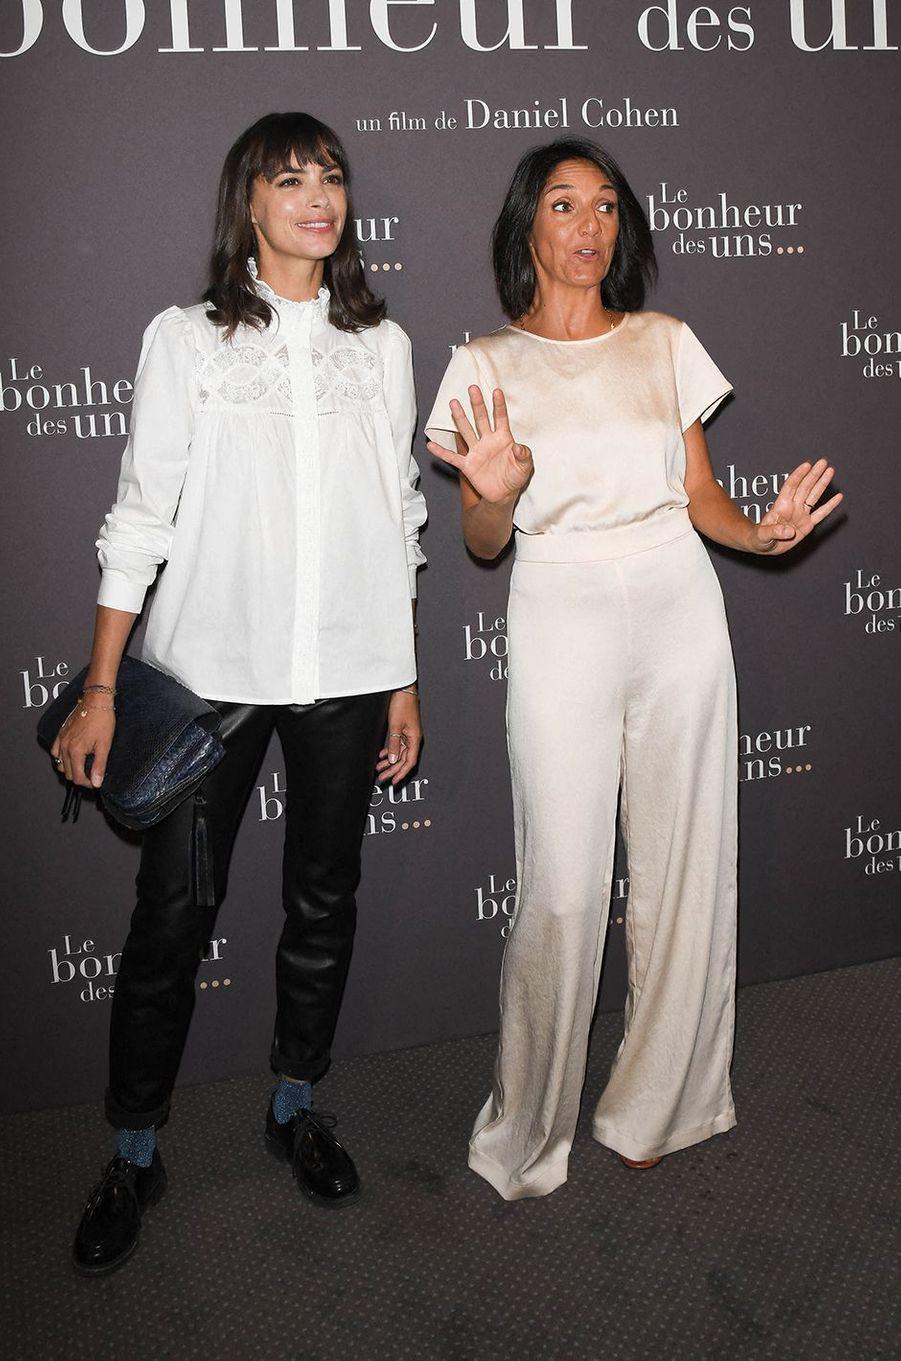 Bérénice Béjo et Florence Forestià l'avant-première du film «Le Bonheur des uns...» au cinéma Pathé Opéra Premier à Paris, le 8 septembre 2020